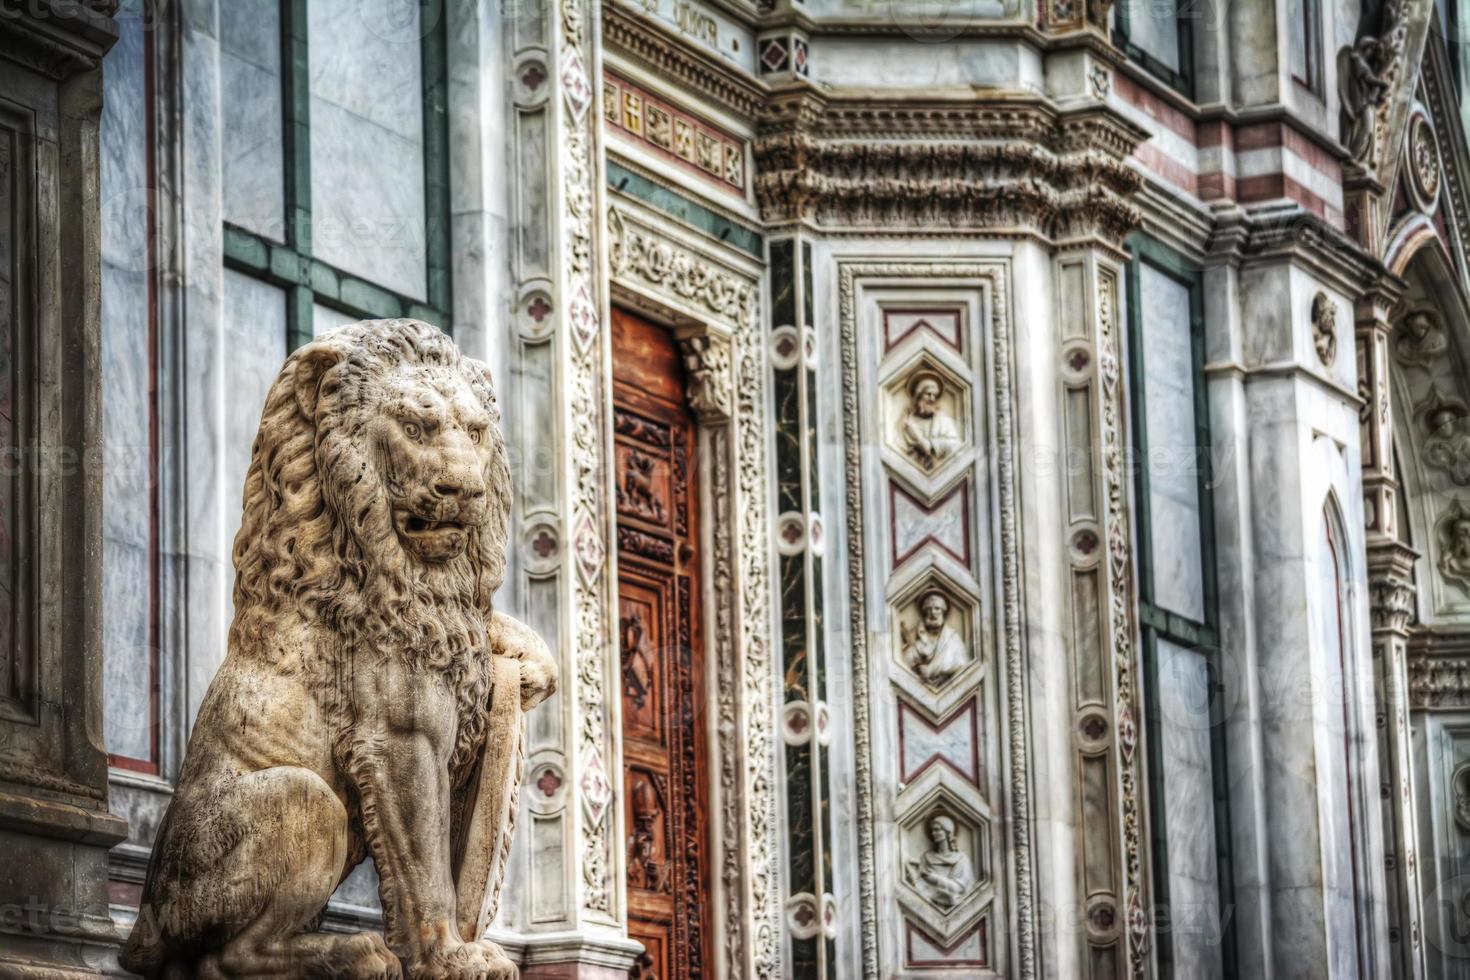 Escultura de un león en la plaza de Santa Croce en Florencia foto